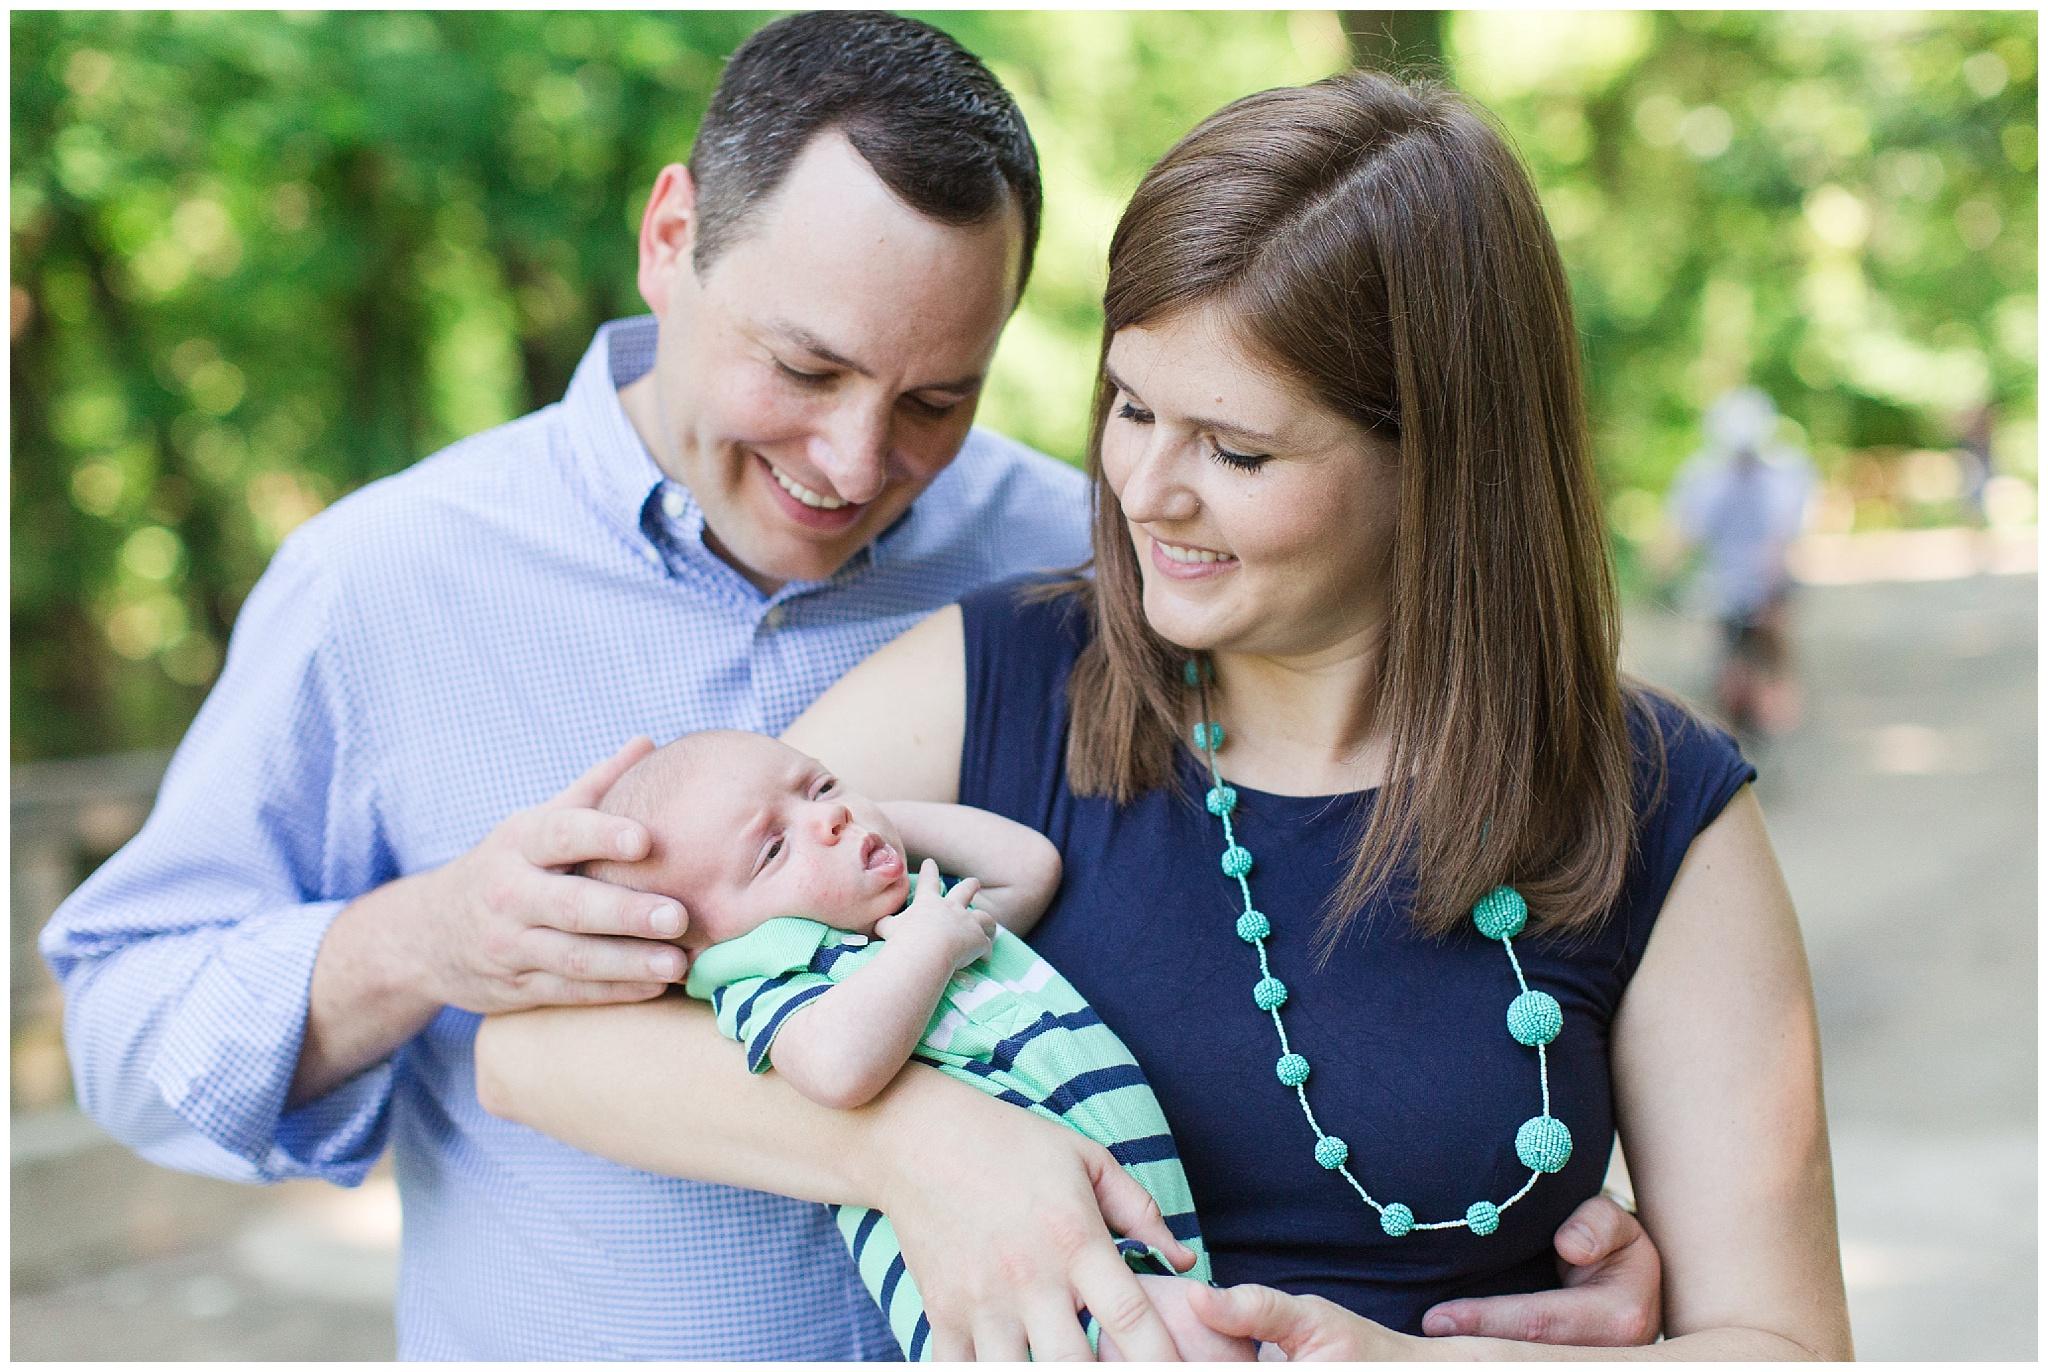 Klein_familyphotos_0003.jpg